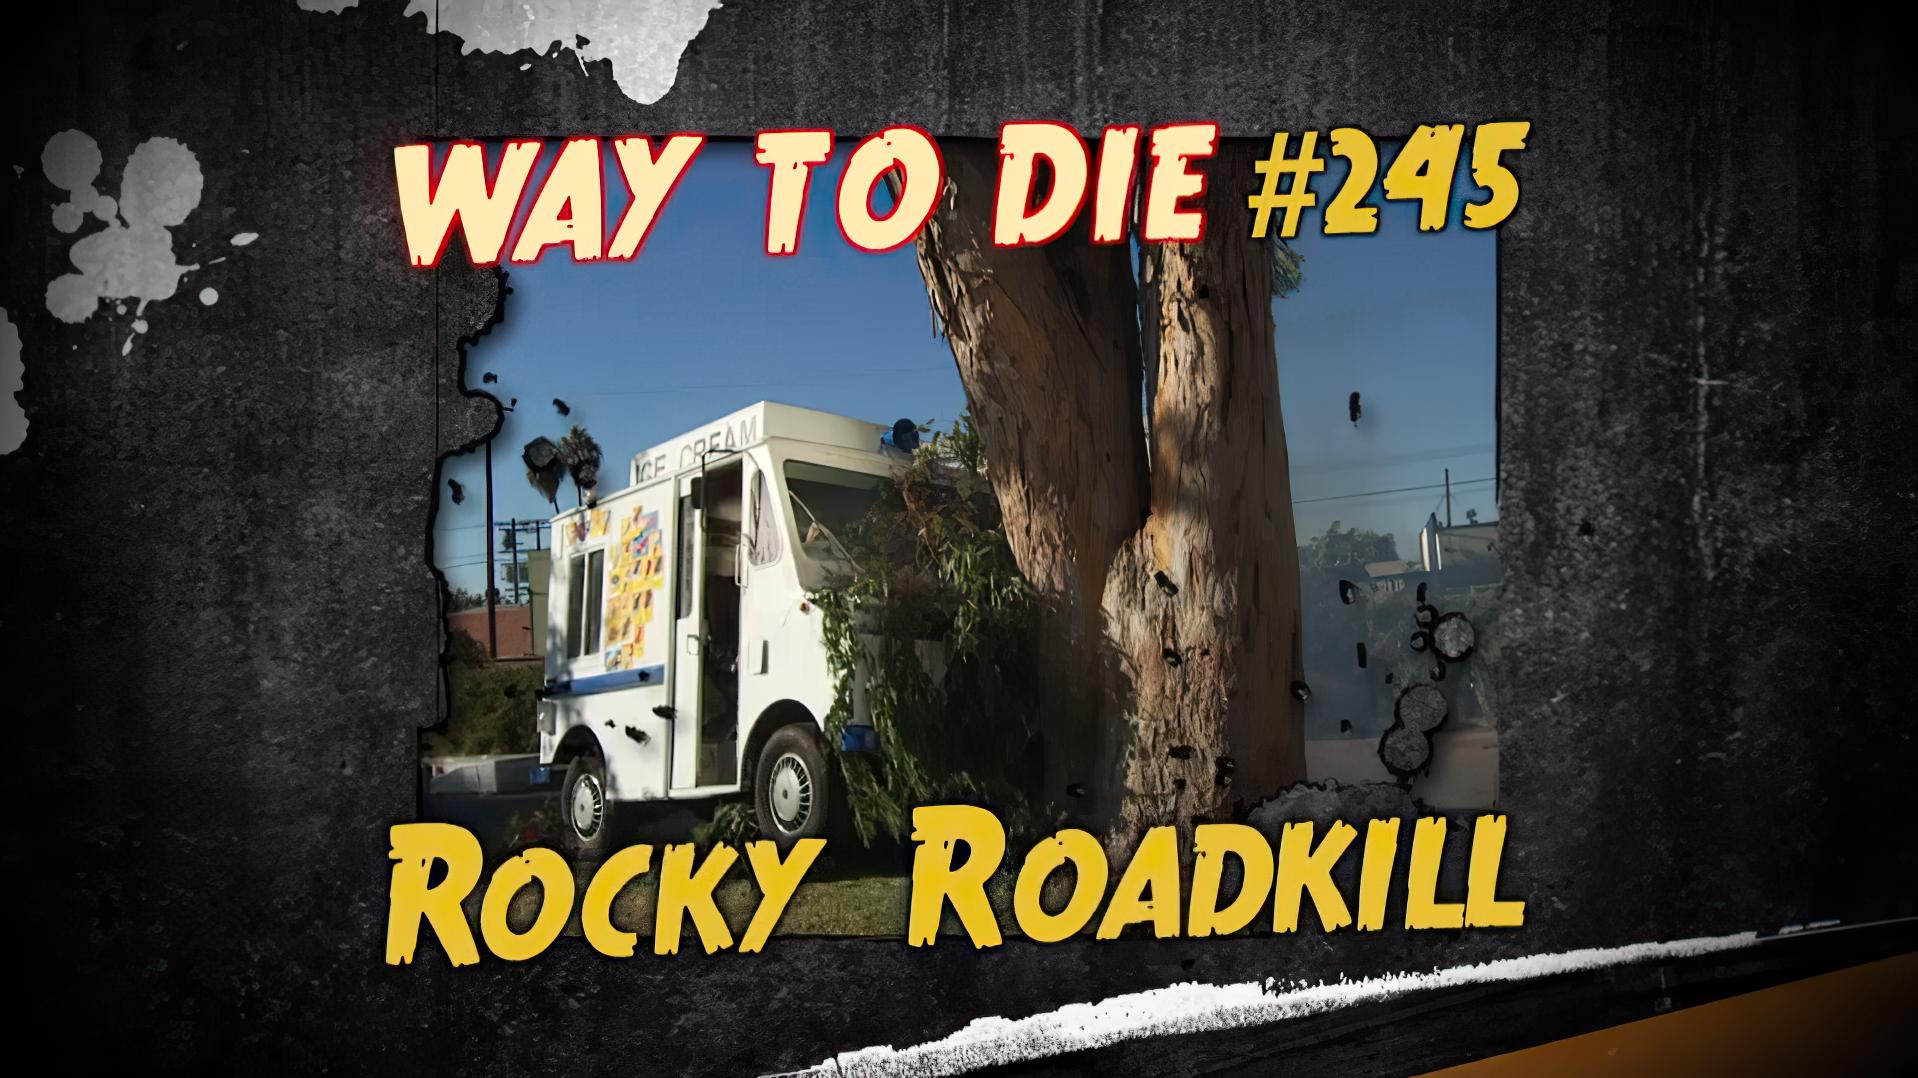 Rocky Roadkill